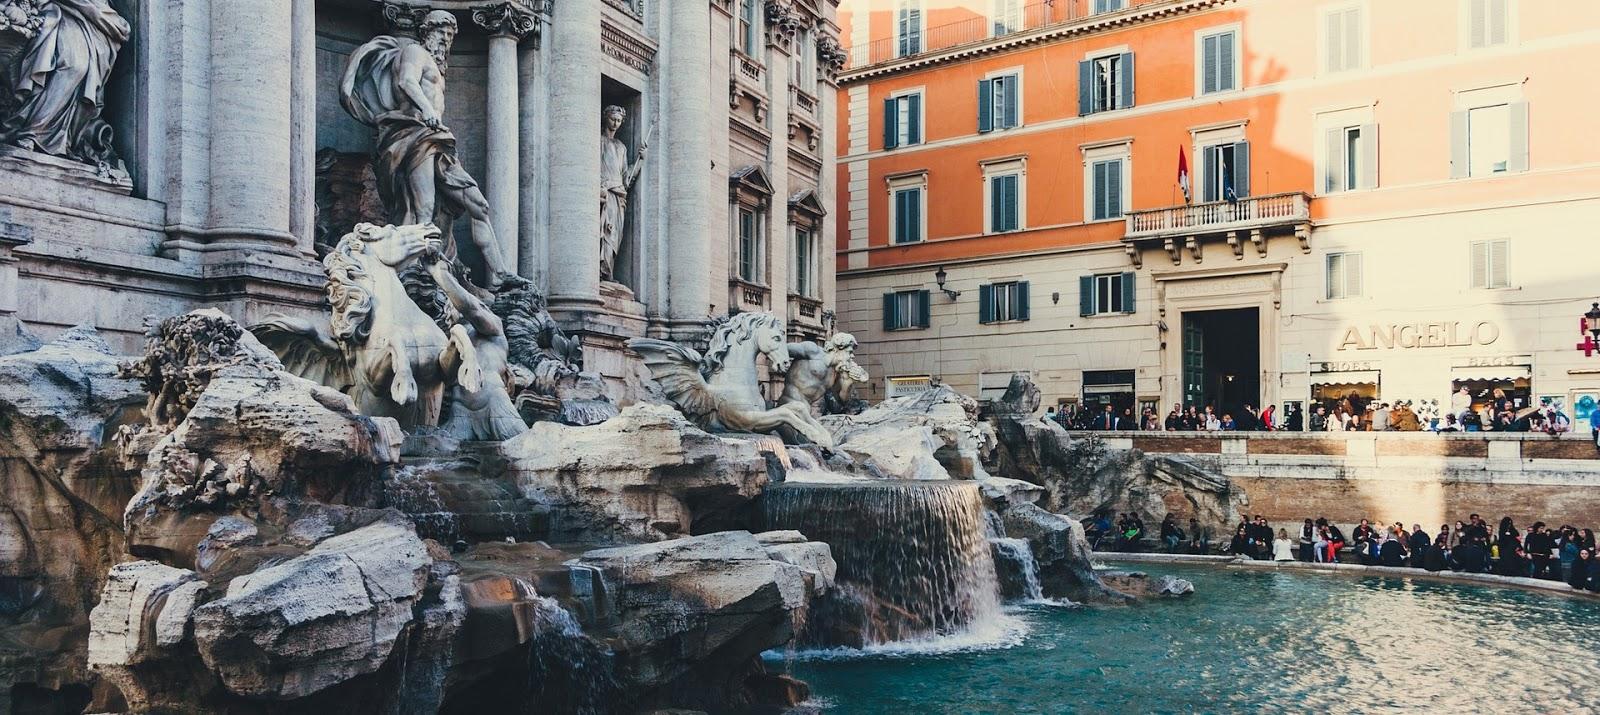 Włochy - lista niezbędników podróży do pobrania